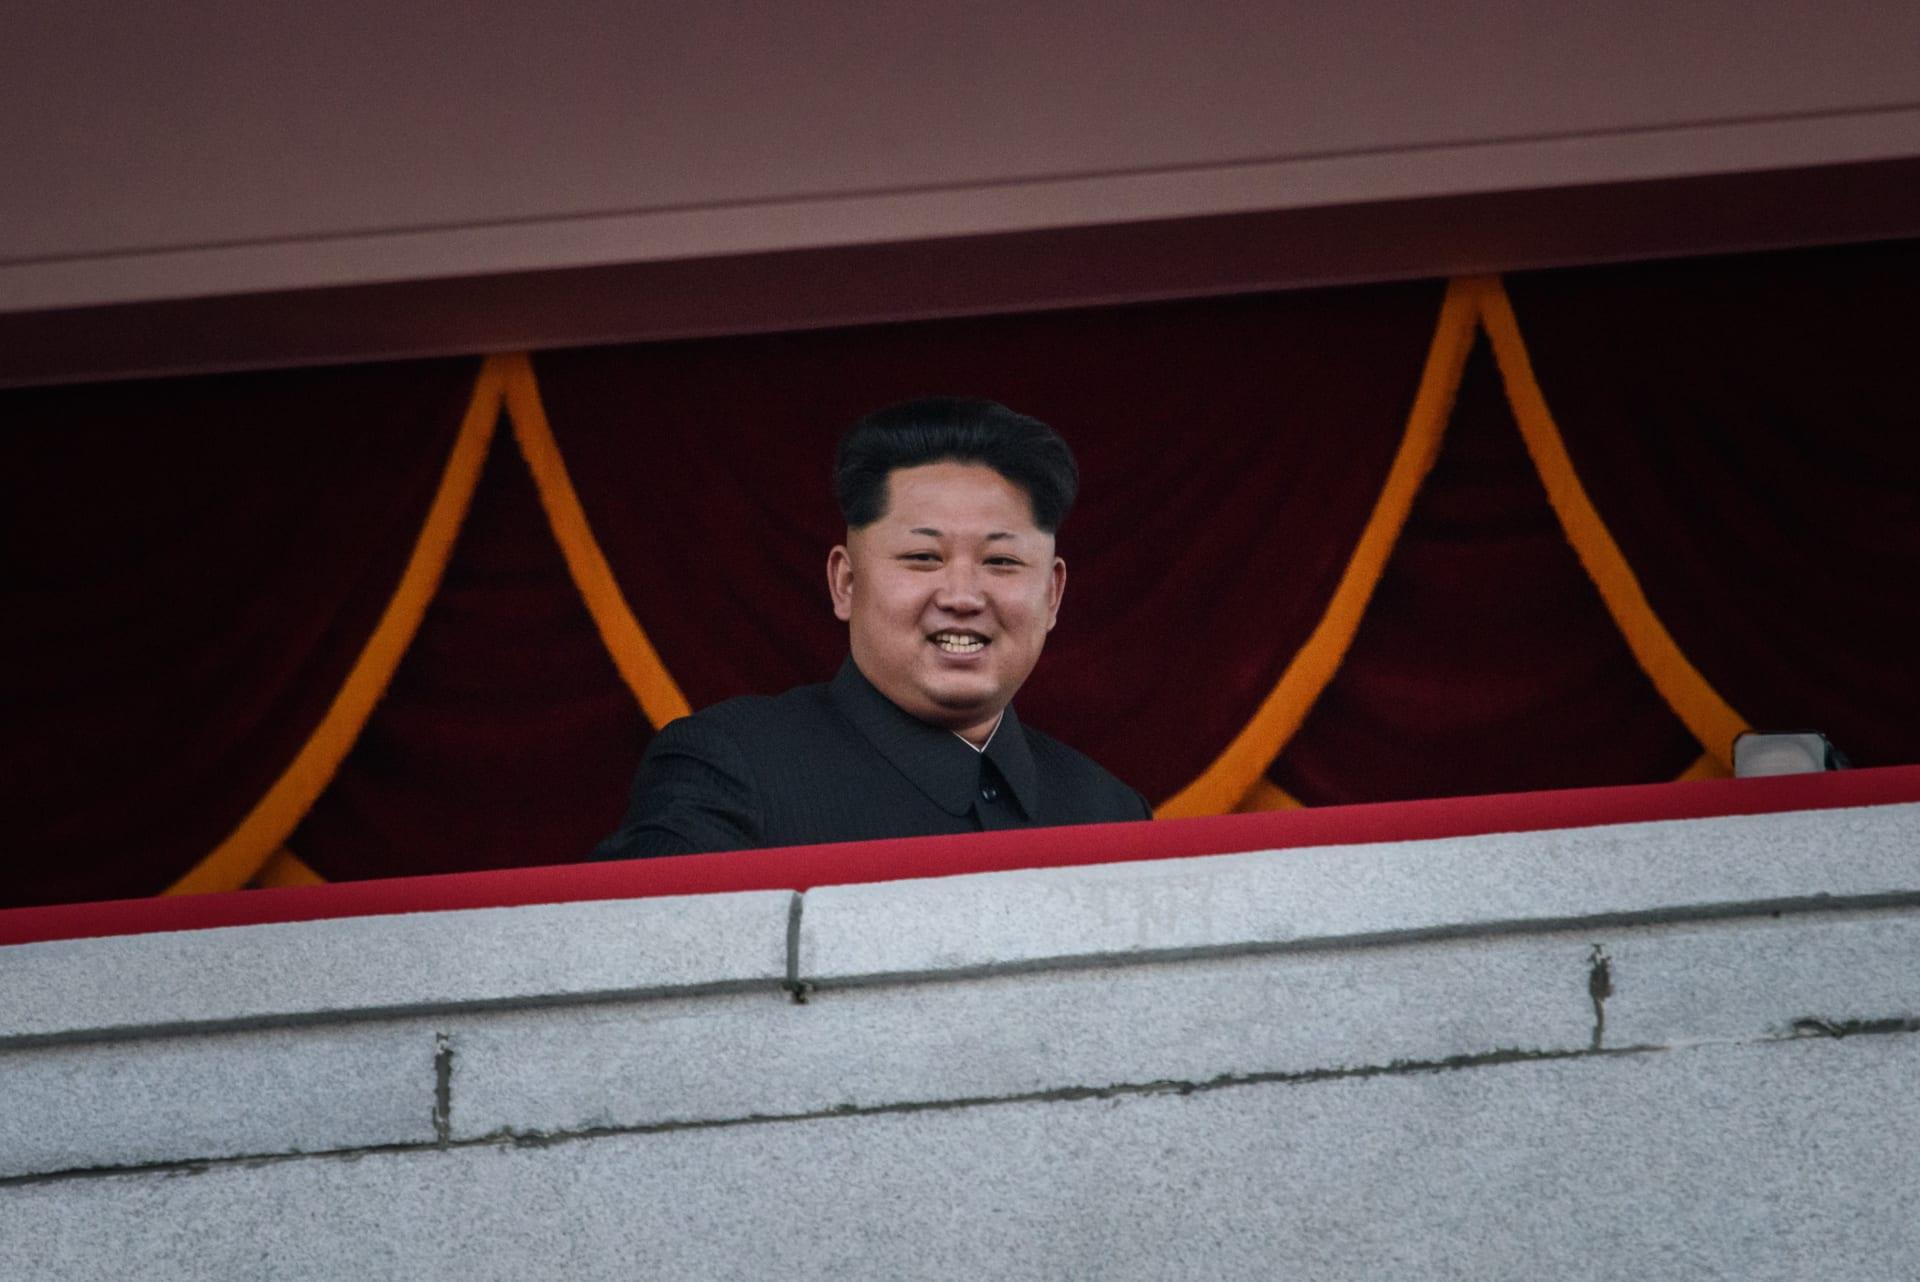 """كيم جونغ أون يُلقب بـ""""شمس عظيمة بالقرن الـ21"""".. والمناسبة؟ الأولى من نوعها منذ 36 عاما"""